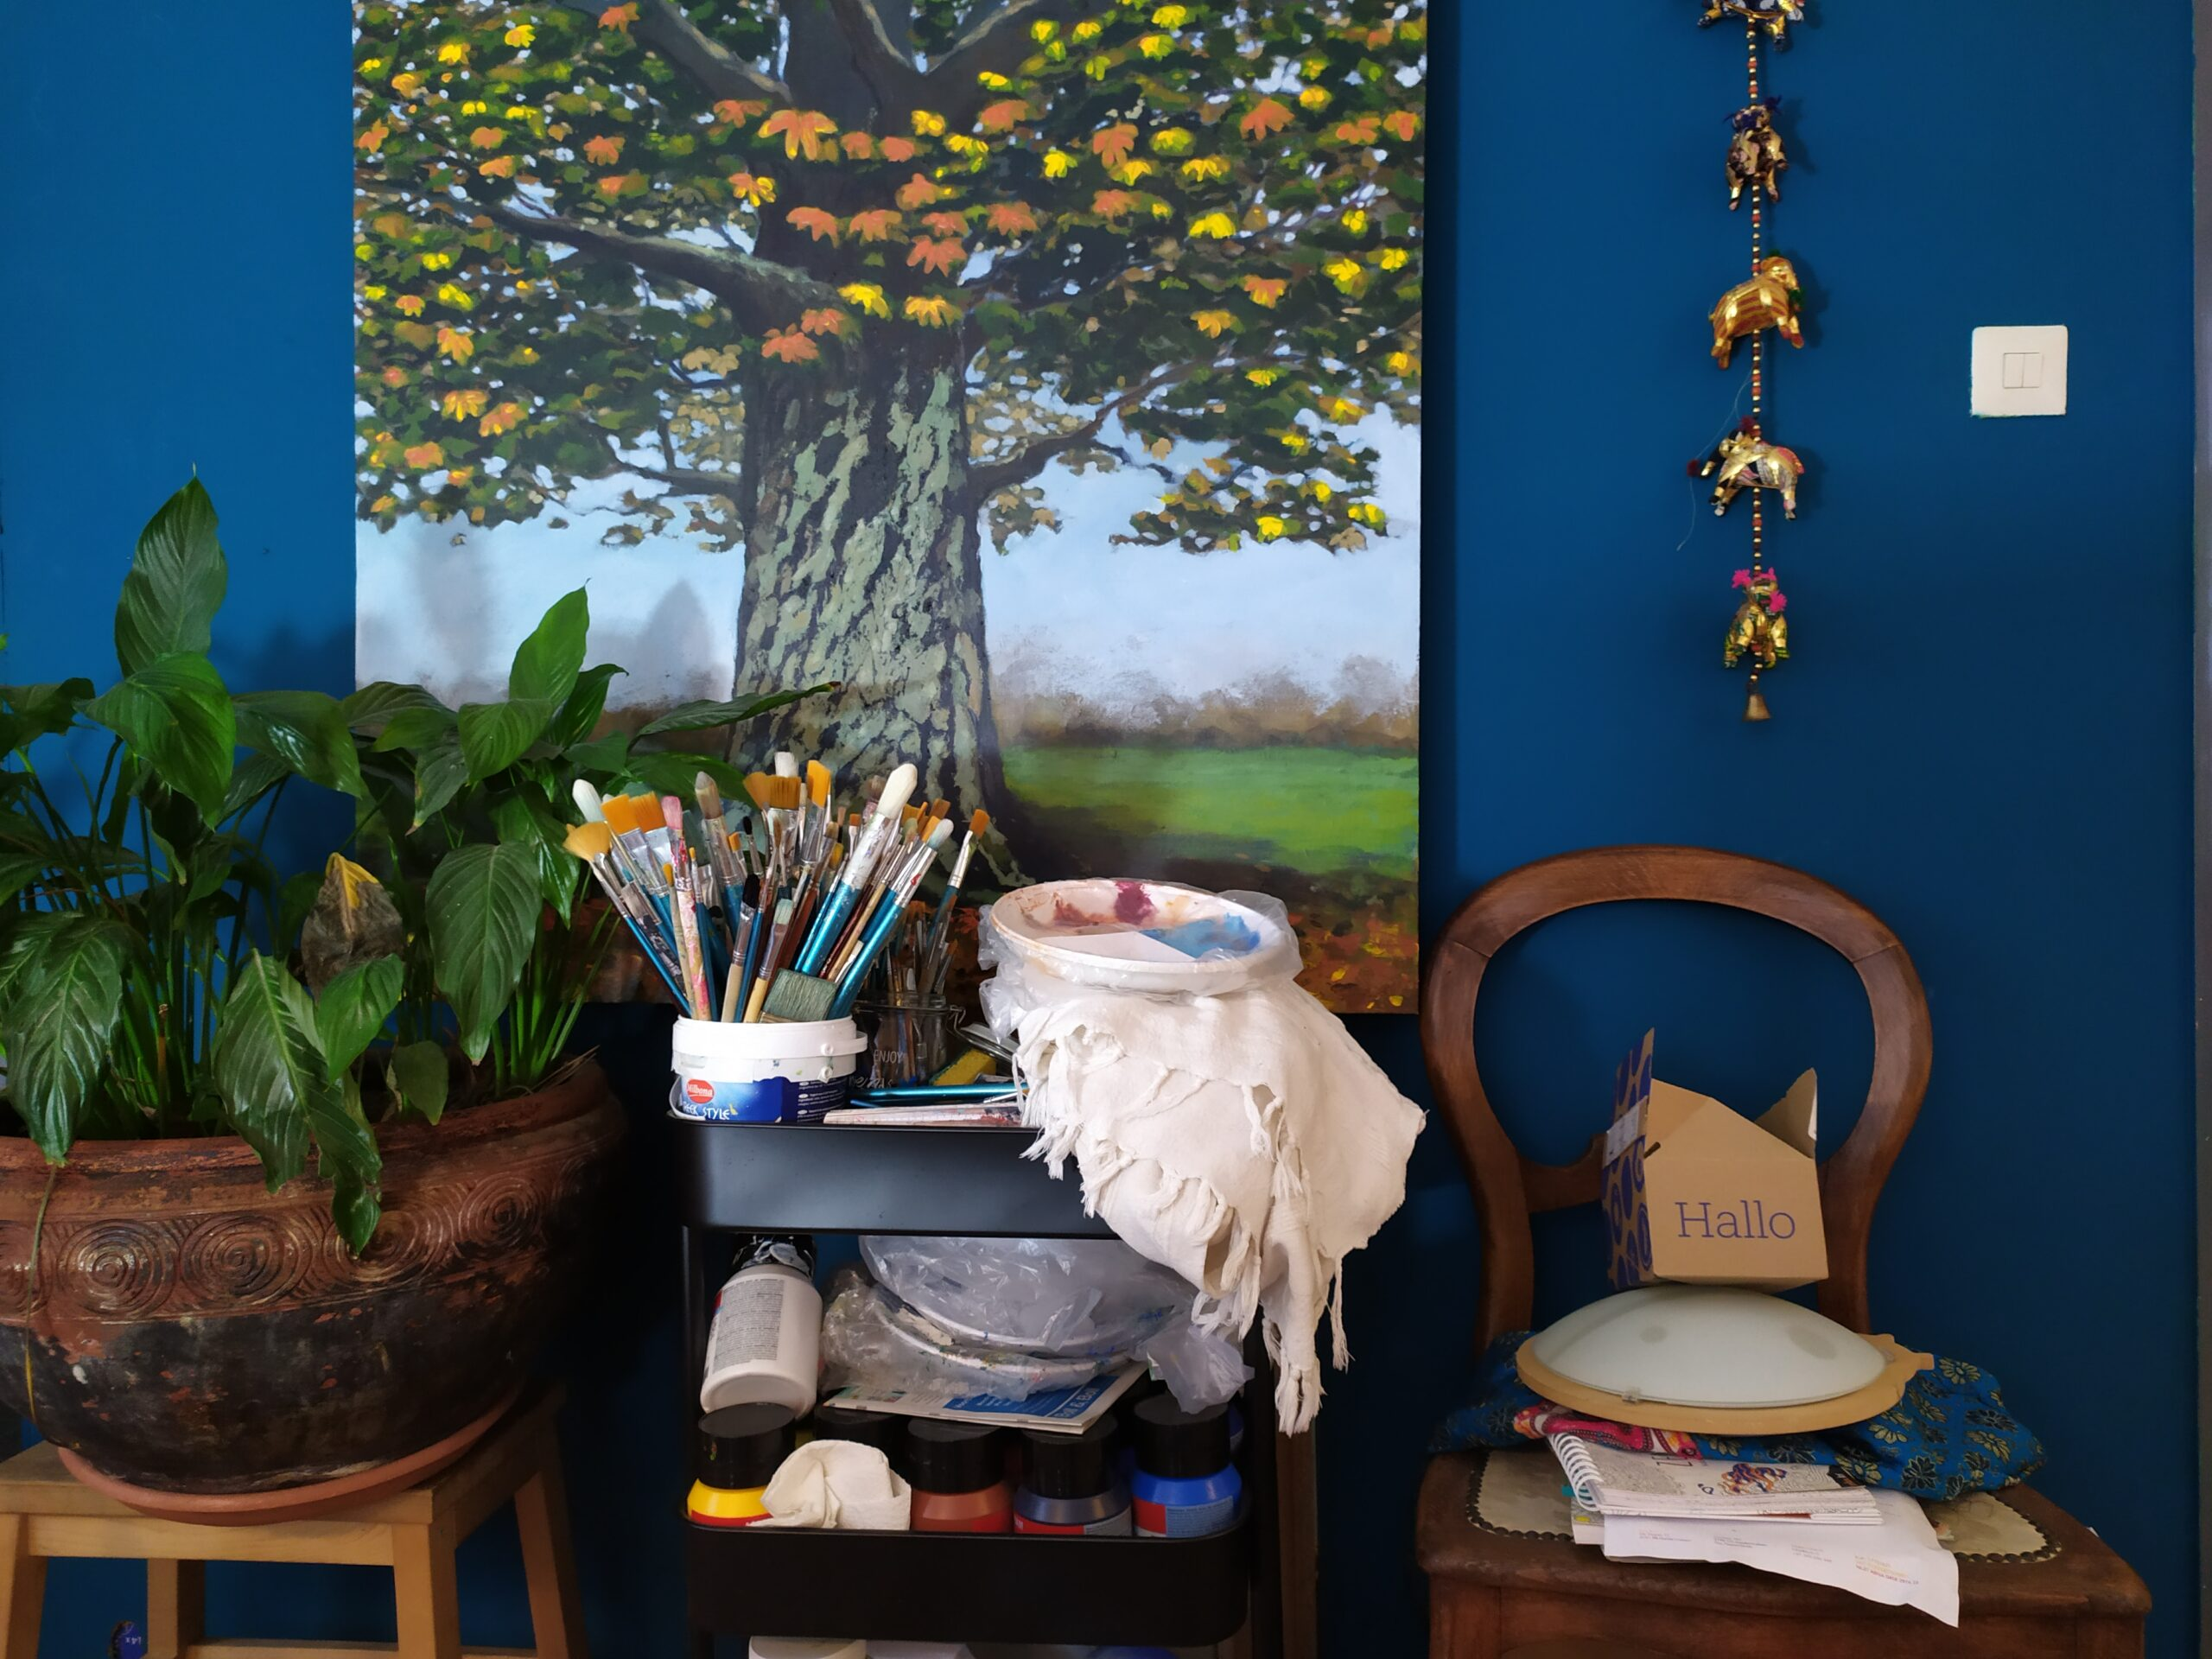 Foto van werkplek bij kunstschilder. Een beetje chaos.